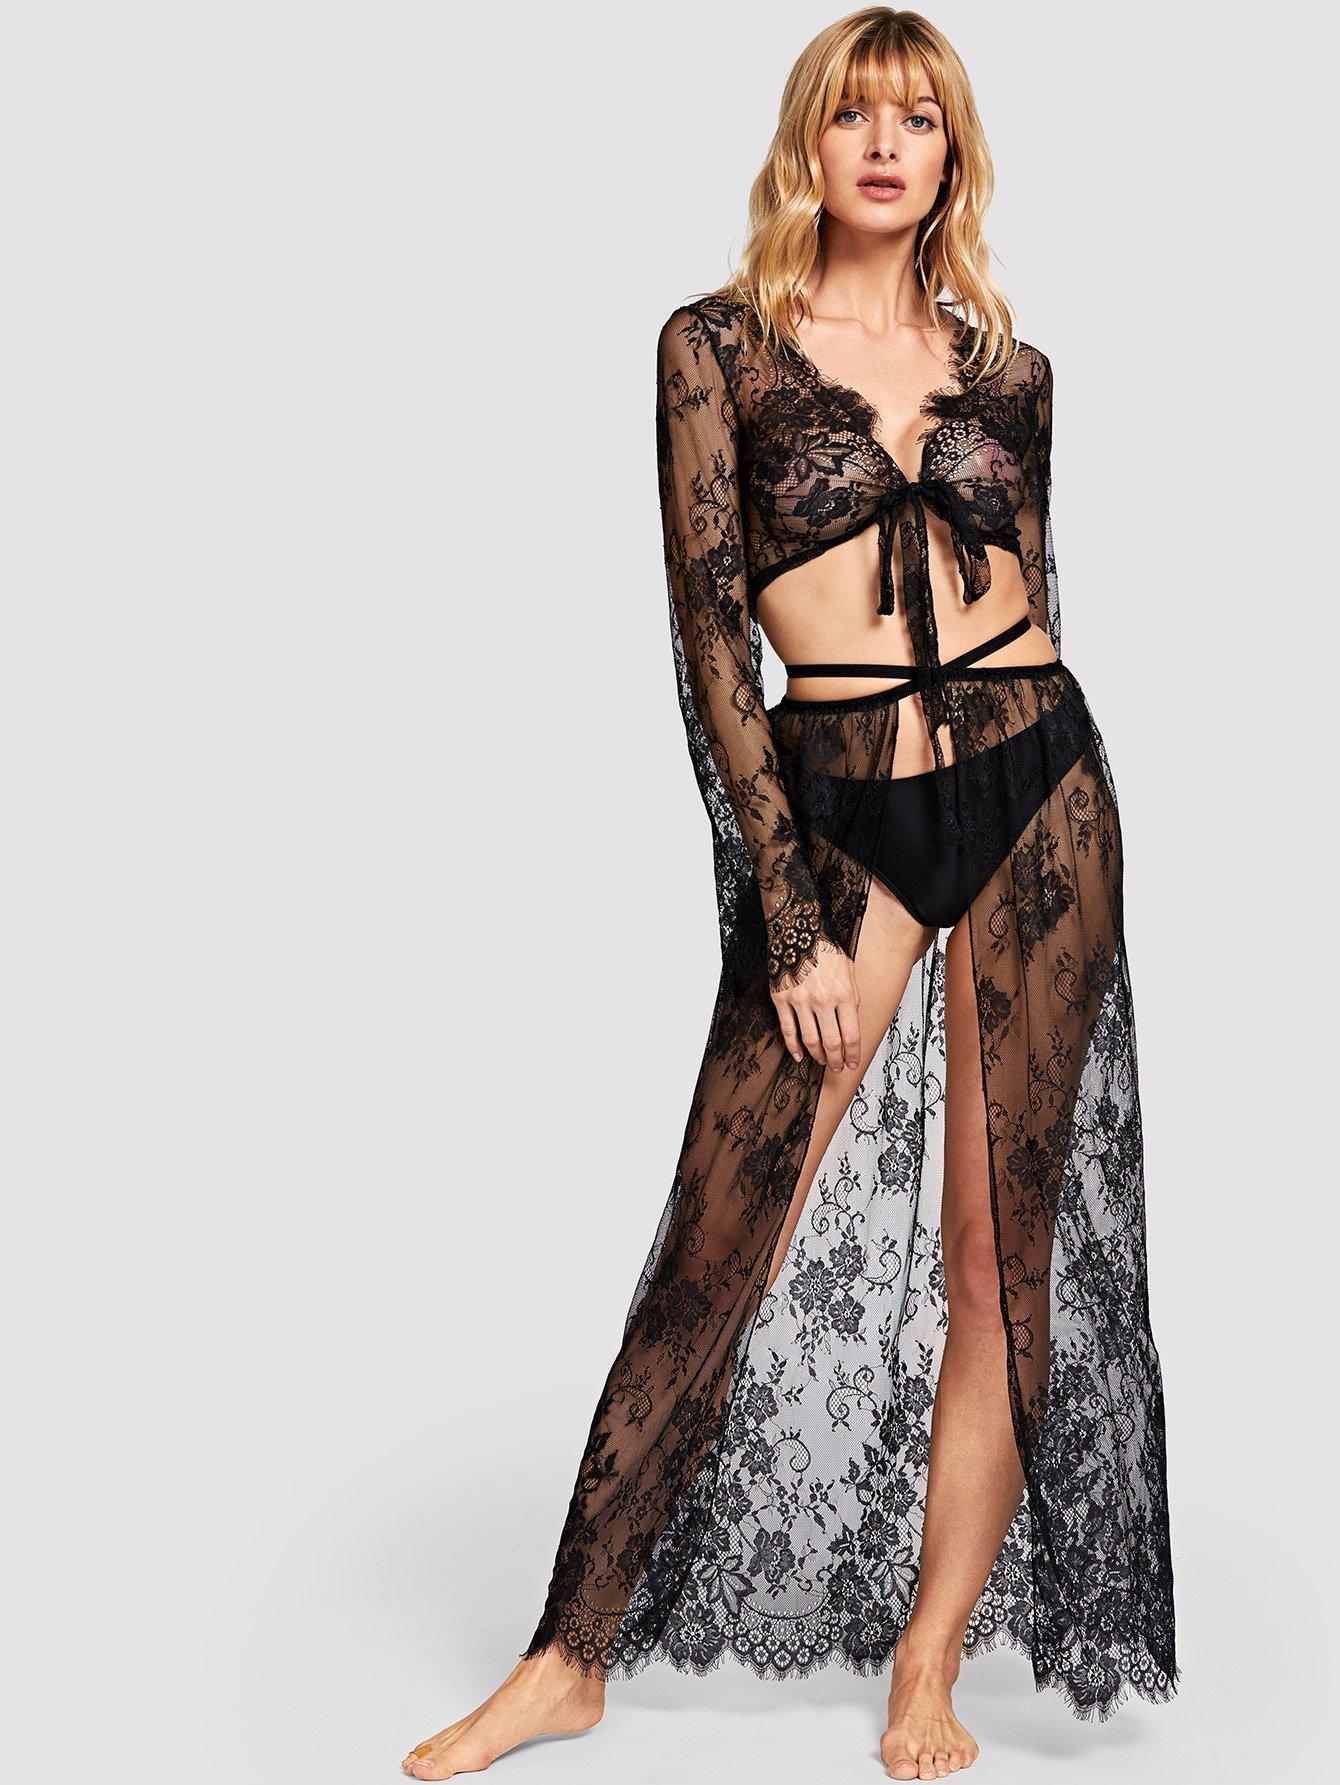 Купить Цветочные кружева топ и юбка со стрингом, Masha, SheIn